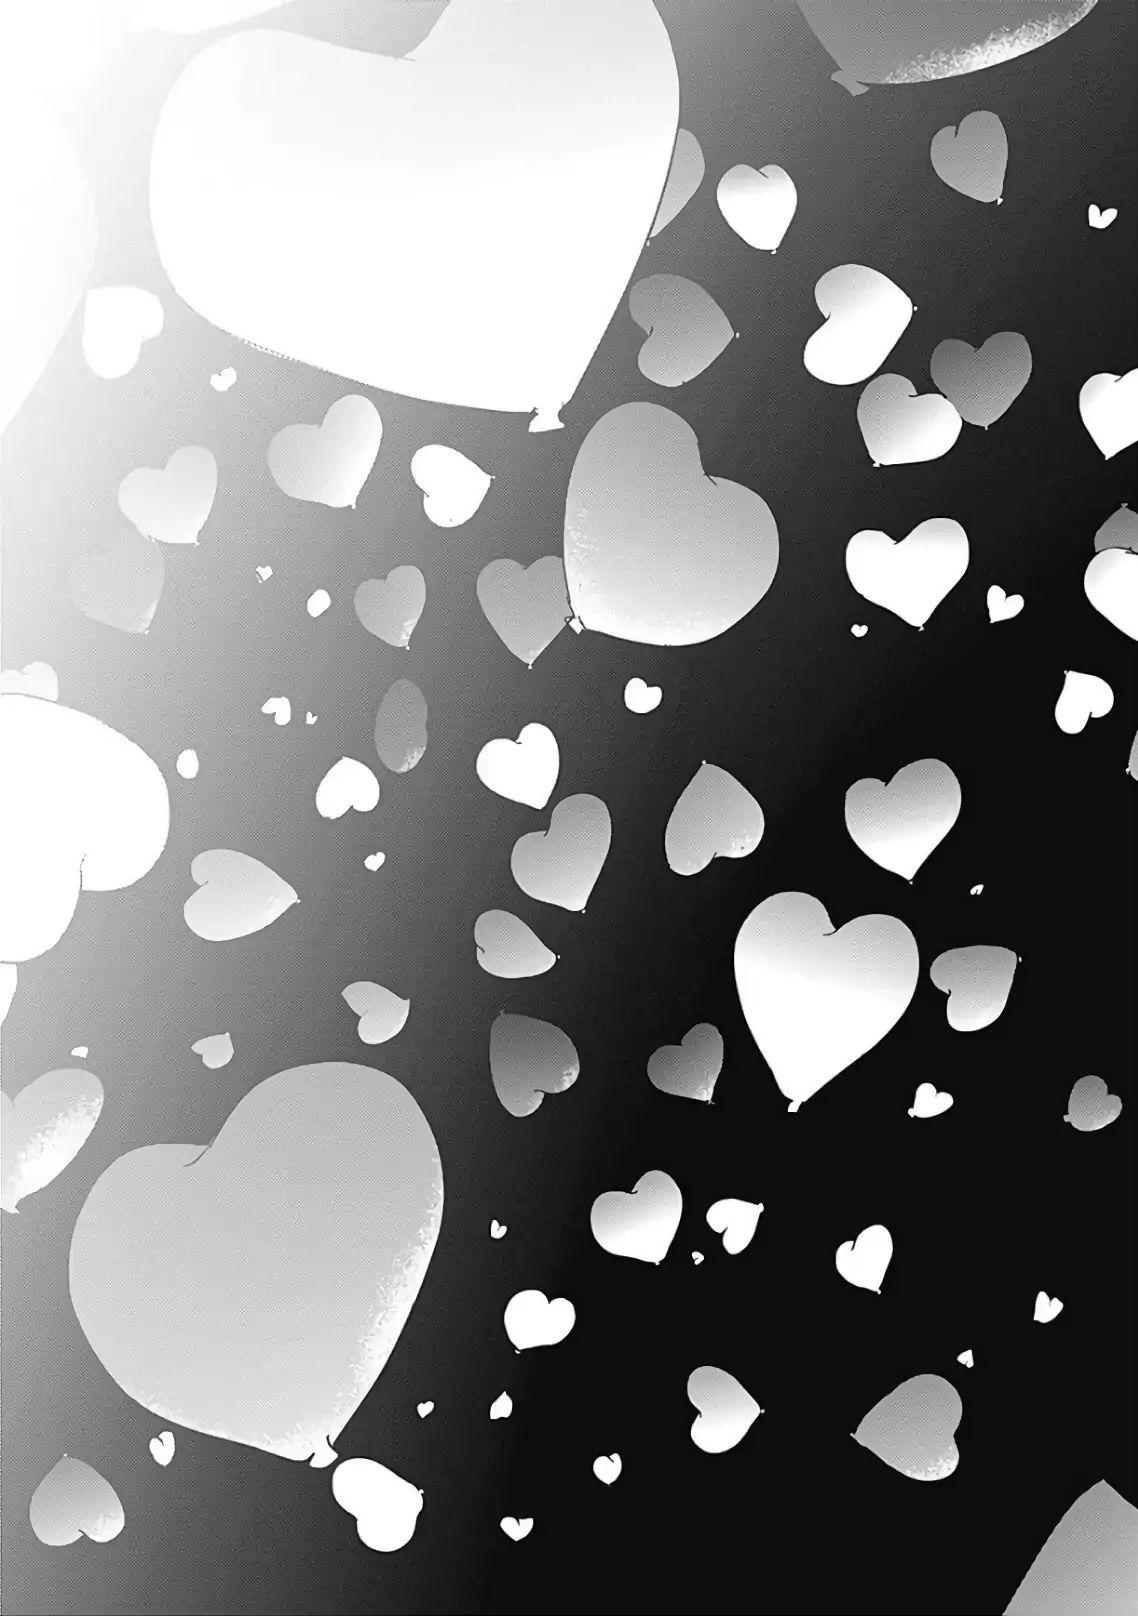 kaguya sama love is war episodes,kaguya sama love is war,kaguya sama love is war manga reddit,kaguya sama love is war reddit,kaguya sama love is war manga baka updates